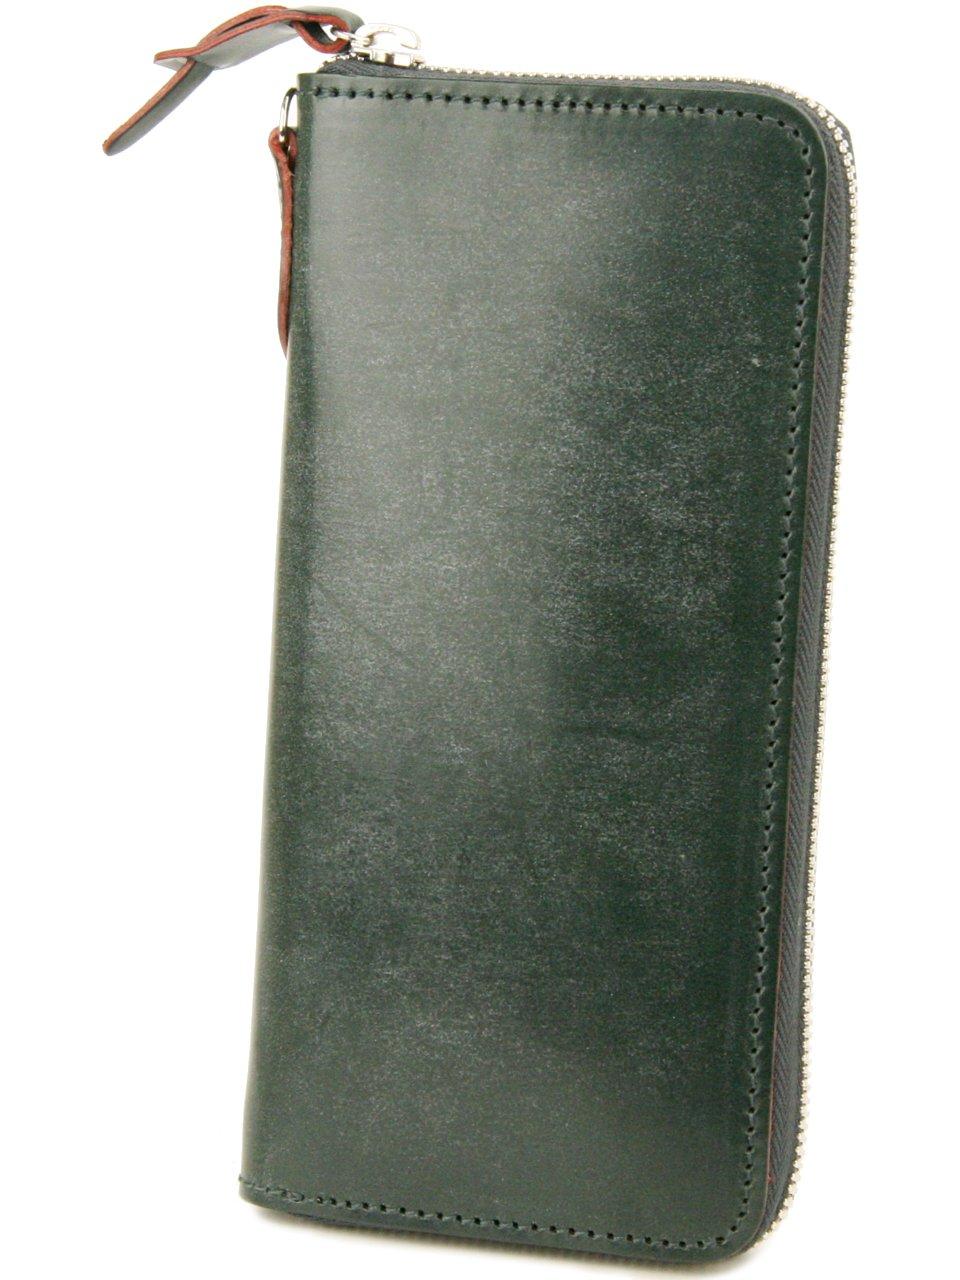 [コルボ] CORBO. 長財布 1LD-0223 アコーディオン型 ラウンドファスナー フェイス ブライドルレザー face Bridle Leather B004DBNXLU ダークグリーン ダークグリーン